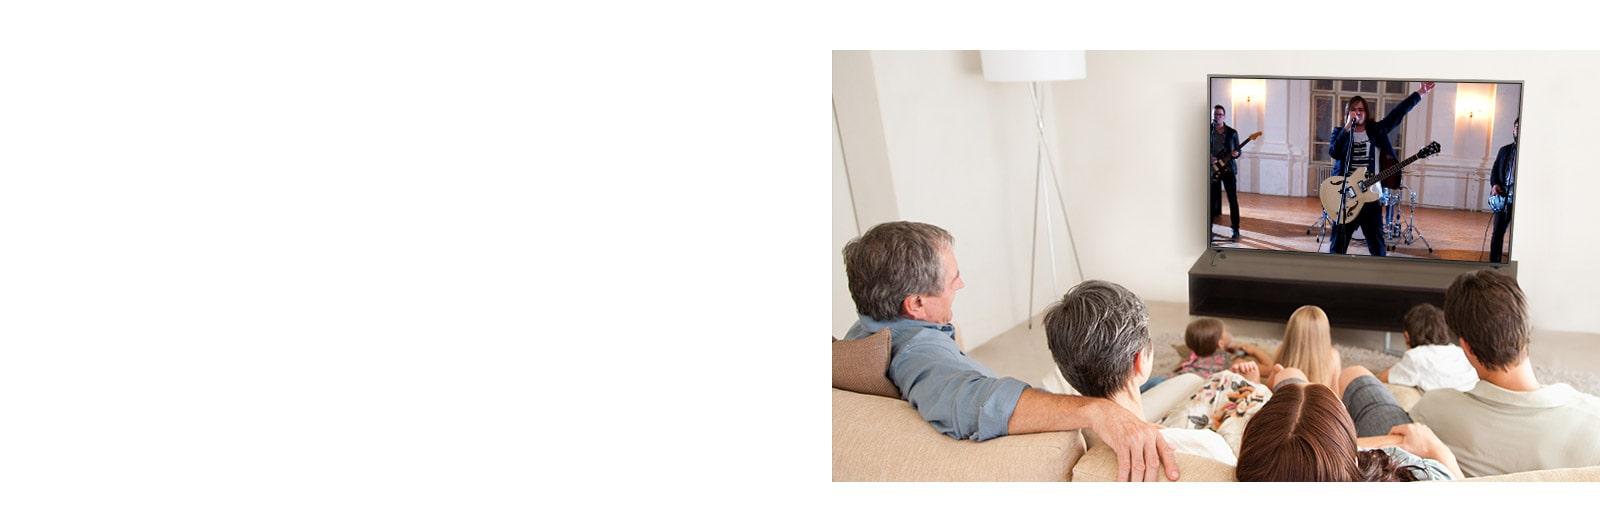 Μια επταμελής οικογένεια στο σαλόνι παρακολουθεί μια ταινία. Η οθόνη της τηλεόρασης δείχνει ένα μουσικό συγκρότημα να δίνει παράσταση.